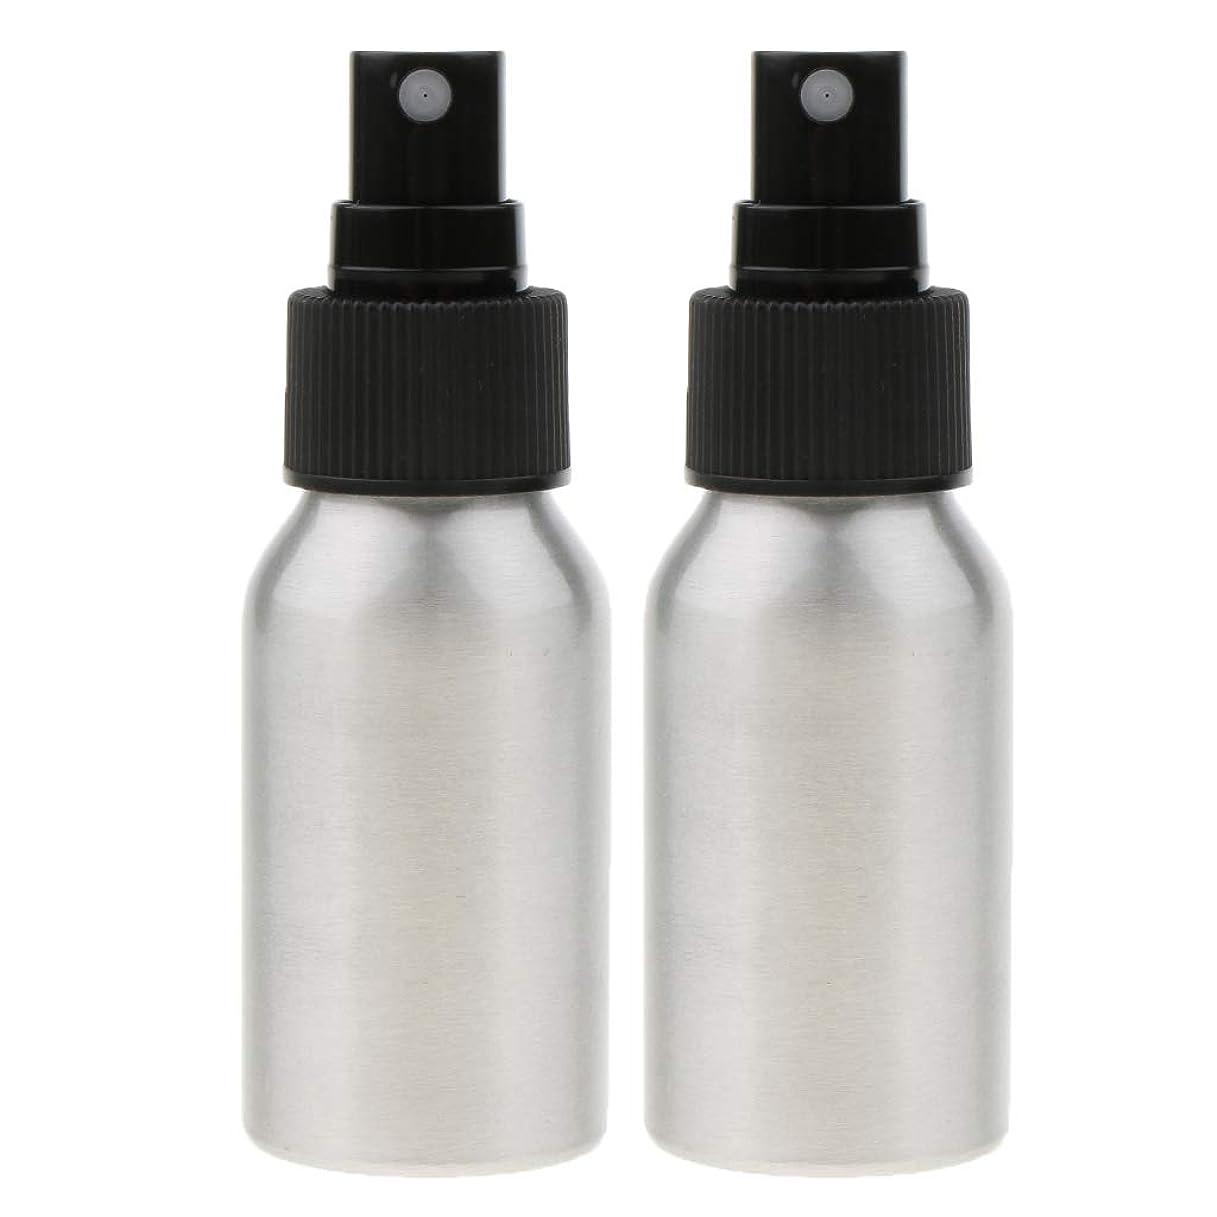 安心滑りやすい実現可能KESOTO 2個 メイクアップボトル アルミスプレーボトル アルミ 空ボトル 詰め替え可能 香水ボトル 2色選べ - ブラックキャップ